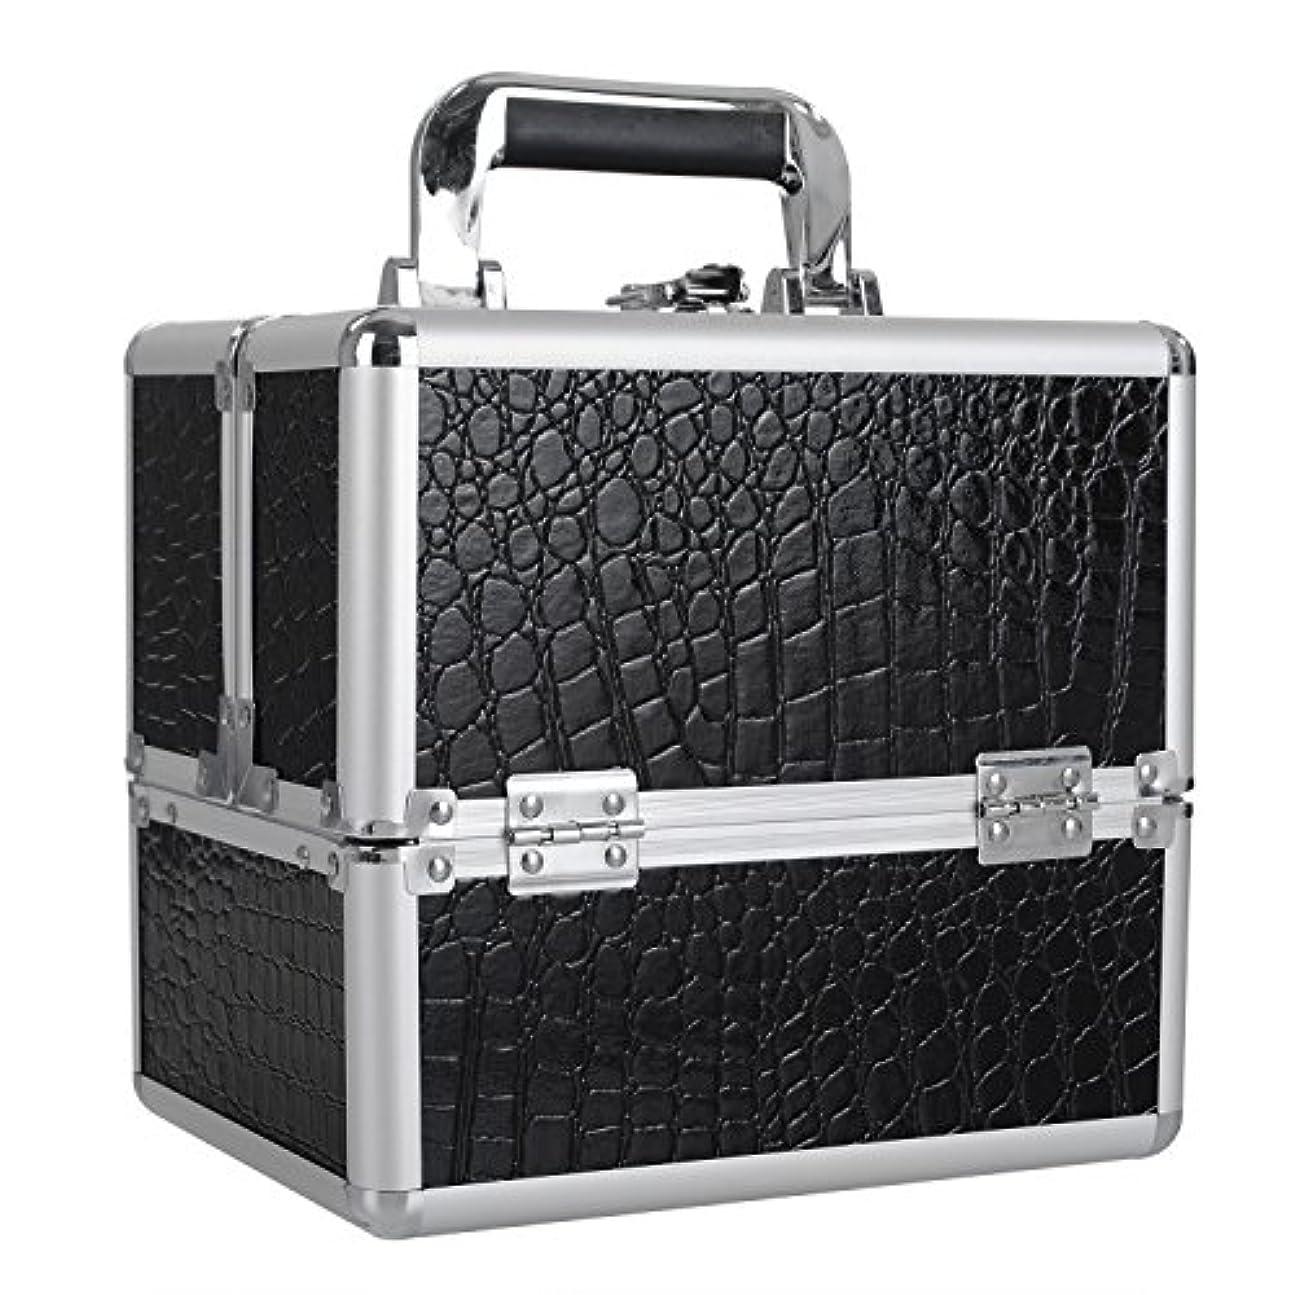 クッション輝度キロメートル[プロ仕様]Hapilife メイクボックス 大容量 4つトレイ 可動仕切り付き 幅25cm 中型 ネイルグッズ 化粧品 メイク道具 収納ボックス ブラック